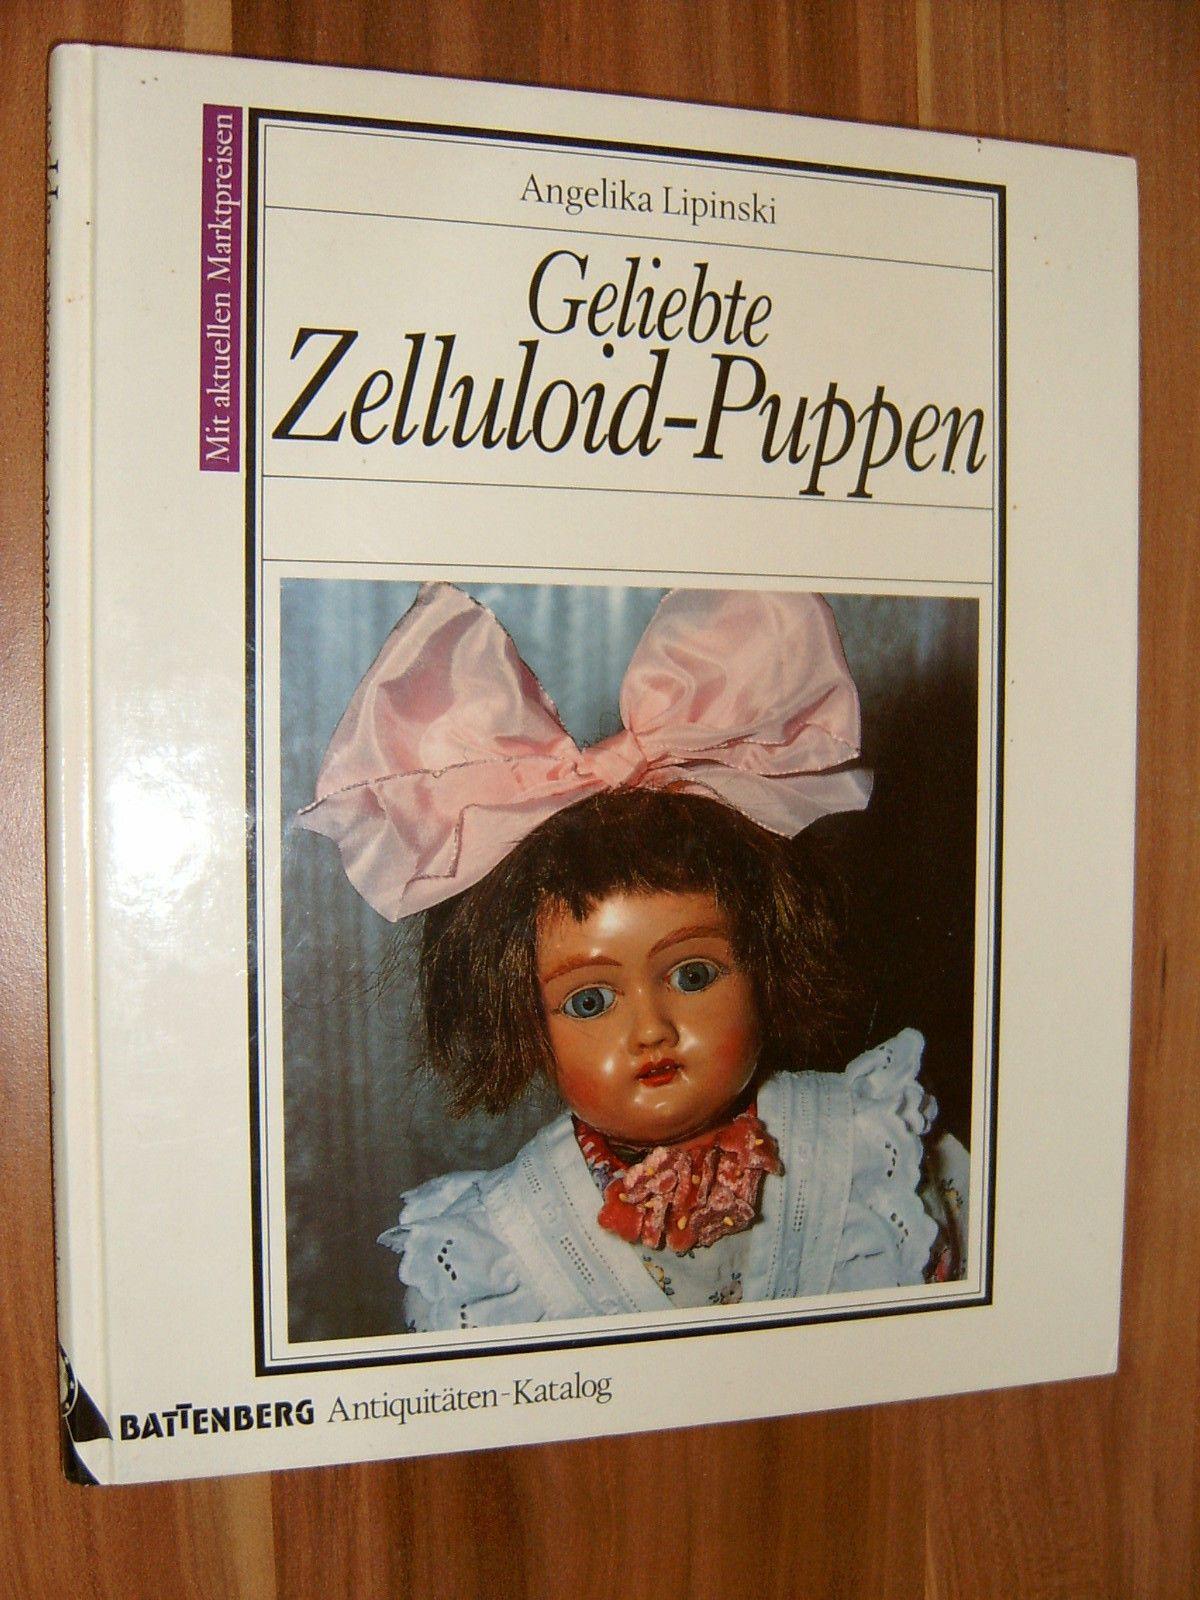 Puppen & Zubehör Schildkröt Puppen Katalog 1988